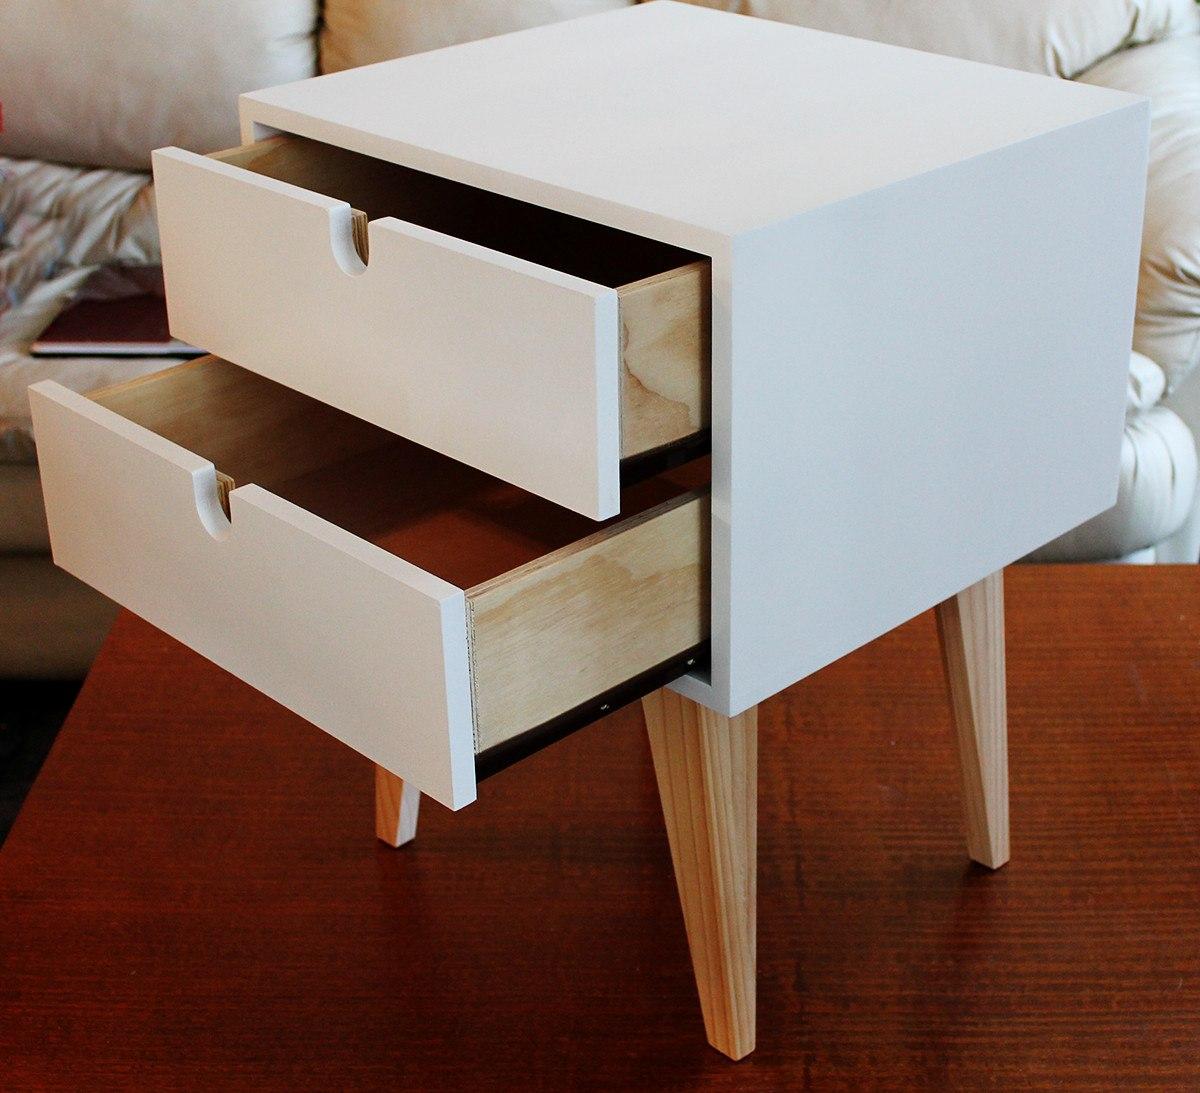 Velador retro blanco ebacam muebles en mercado for Muebles retro